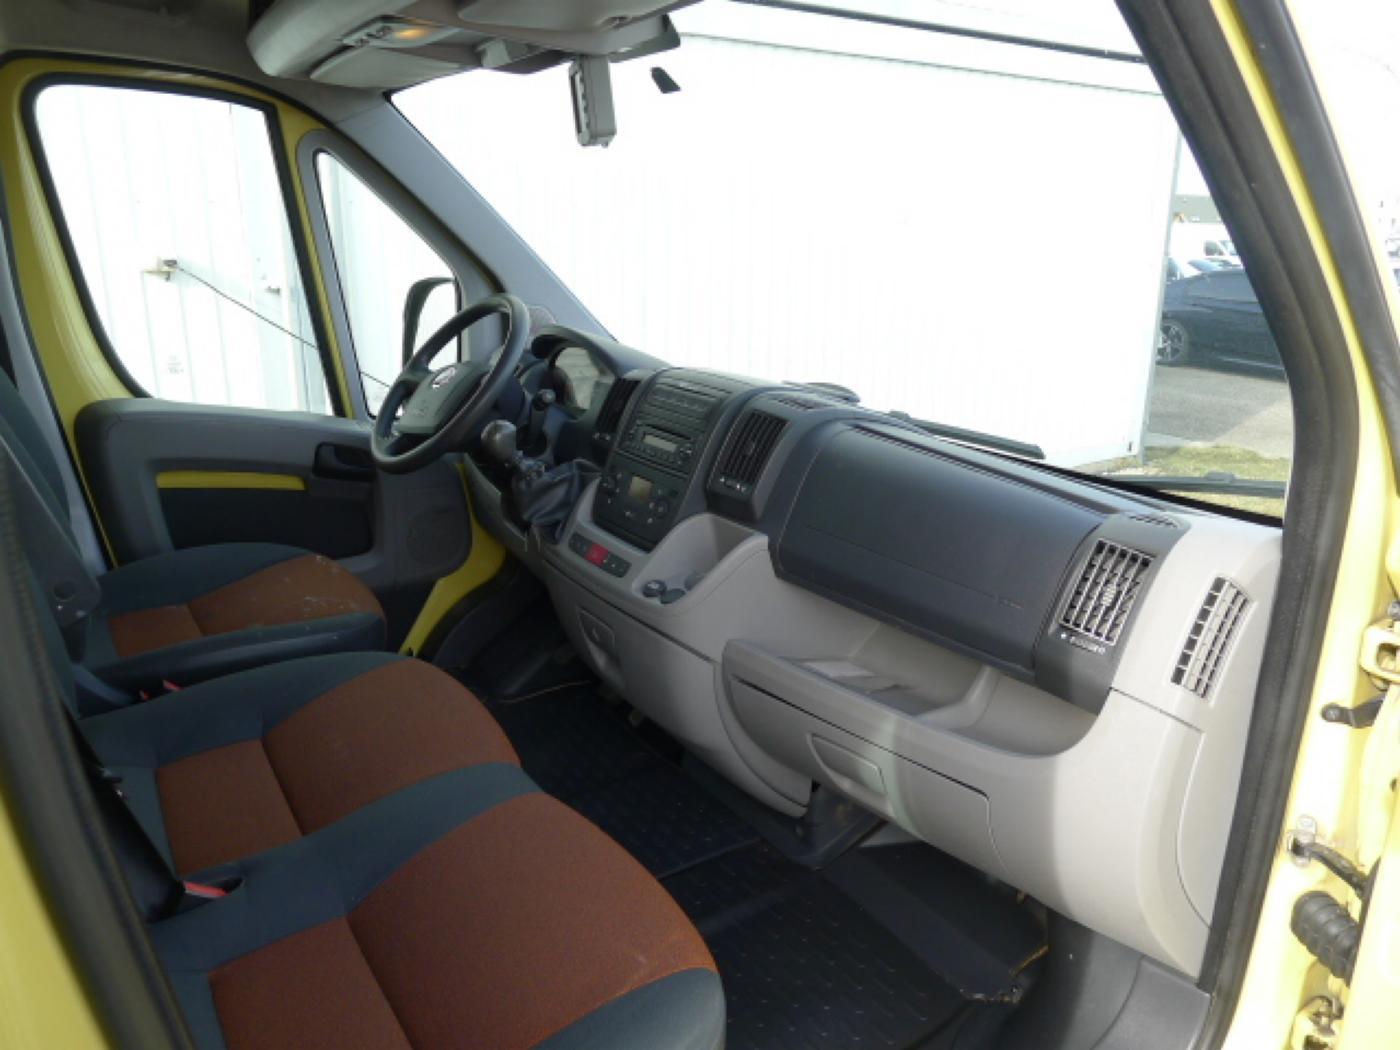 Fiat Ducato 2,3 JTD L2H2 6míst+Klima+Kamera Akc - 9